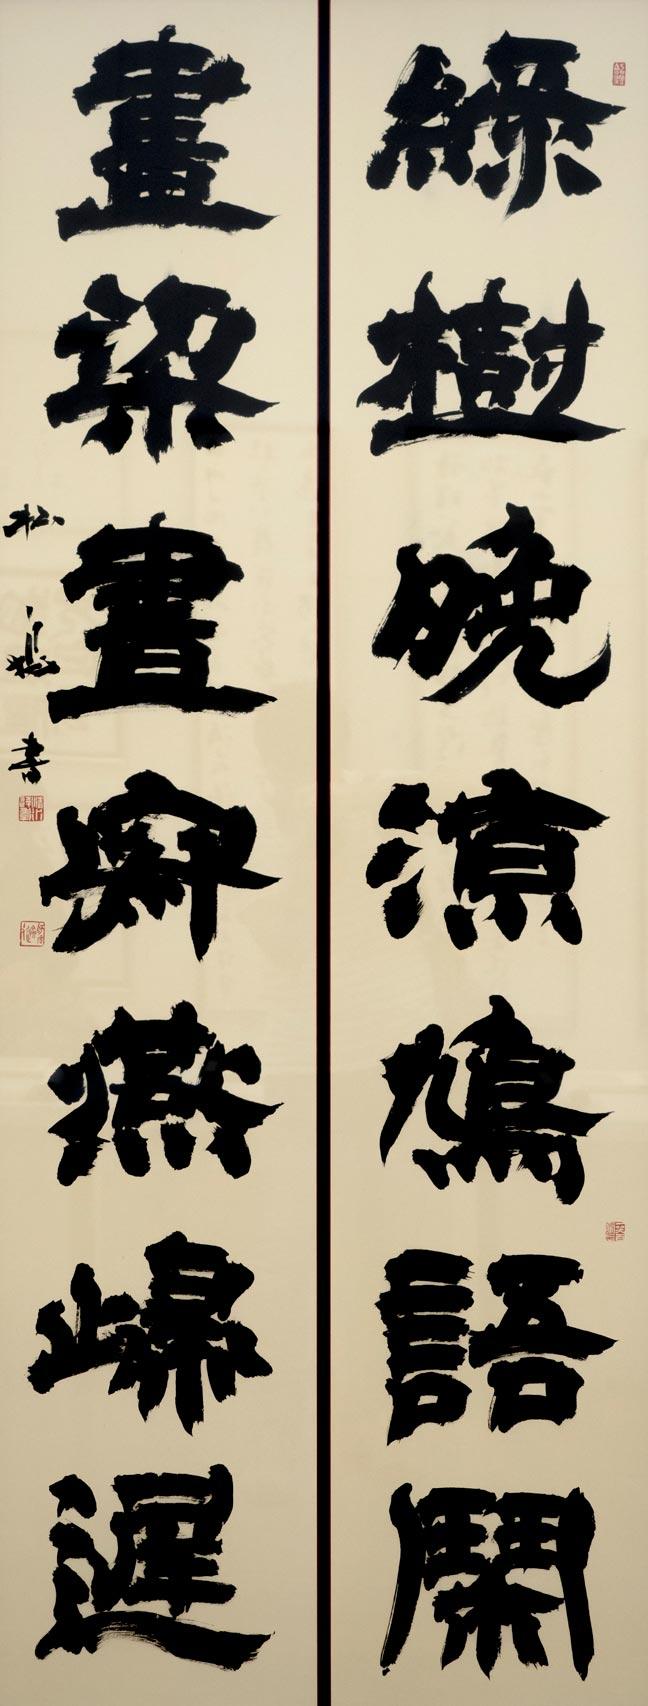 2017-jp-shodo-inspiration-581.jpg